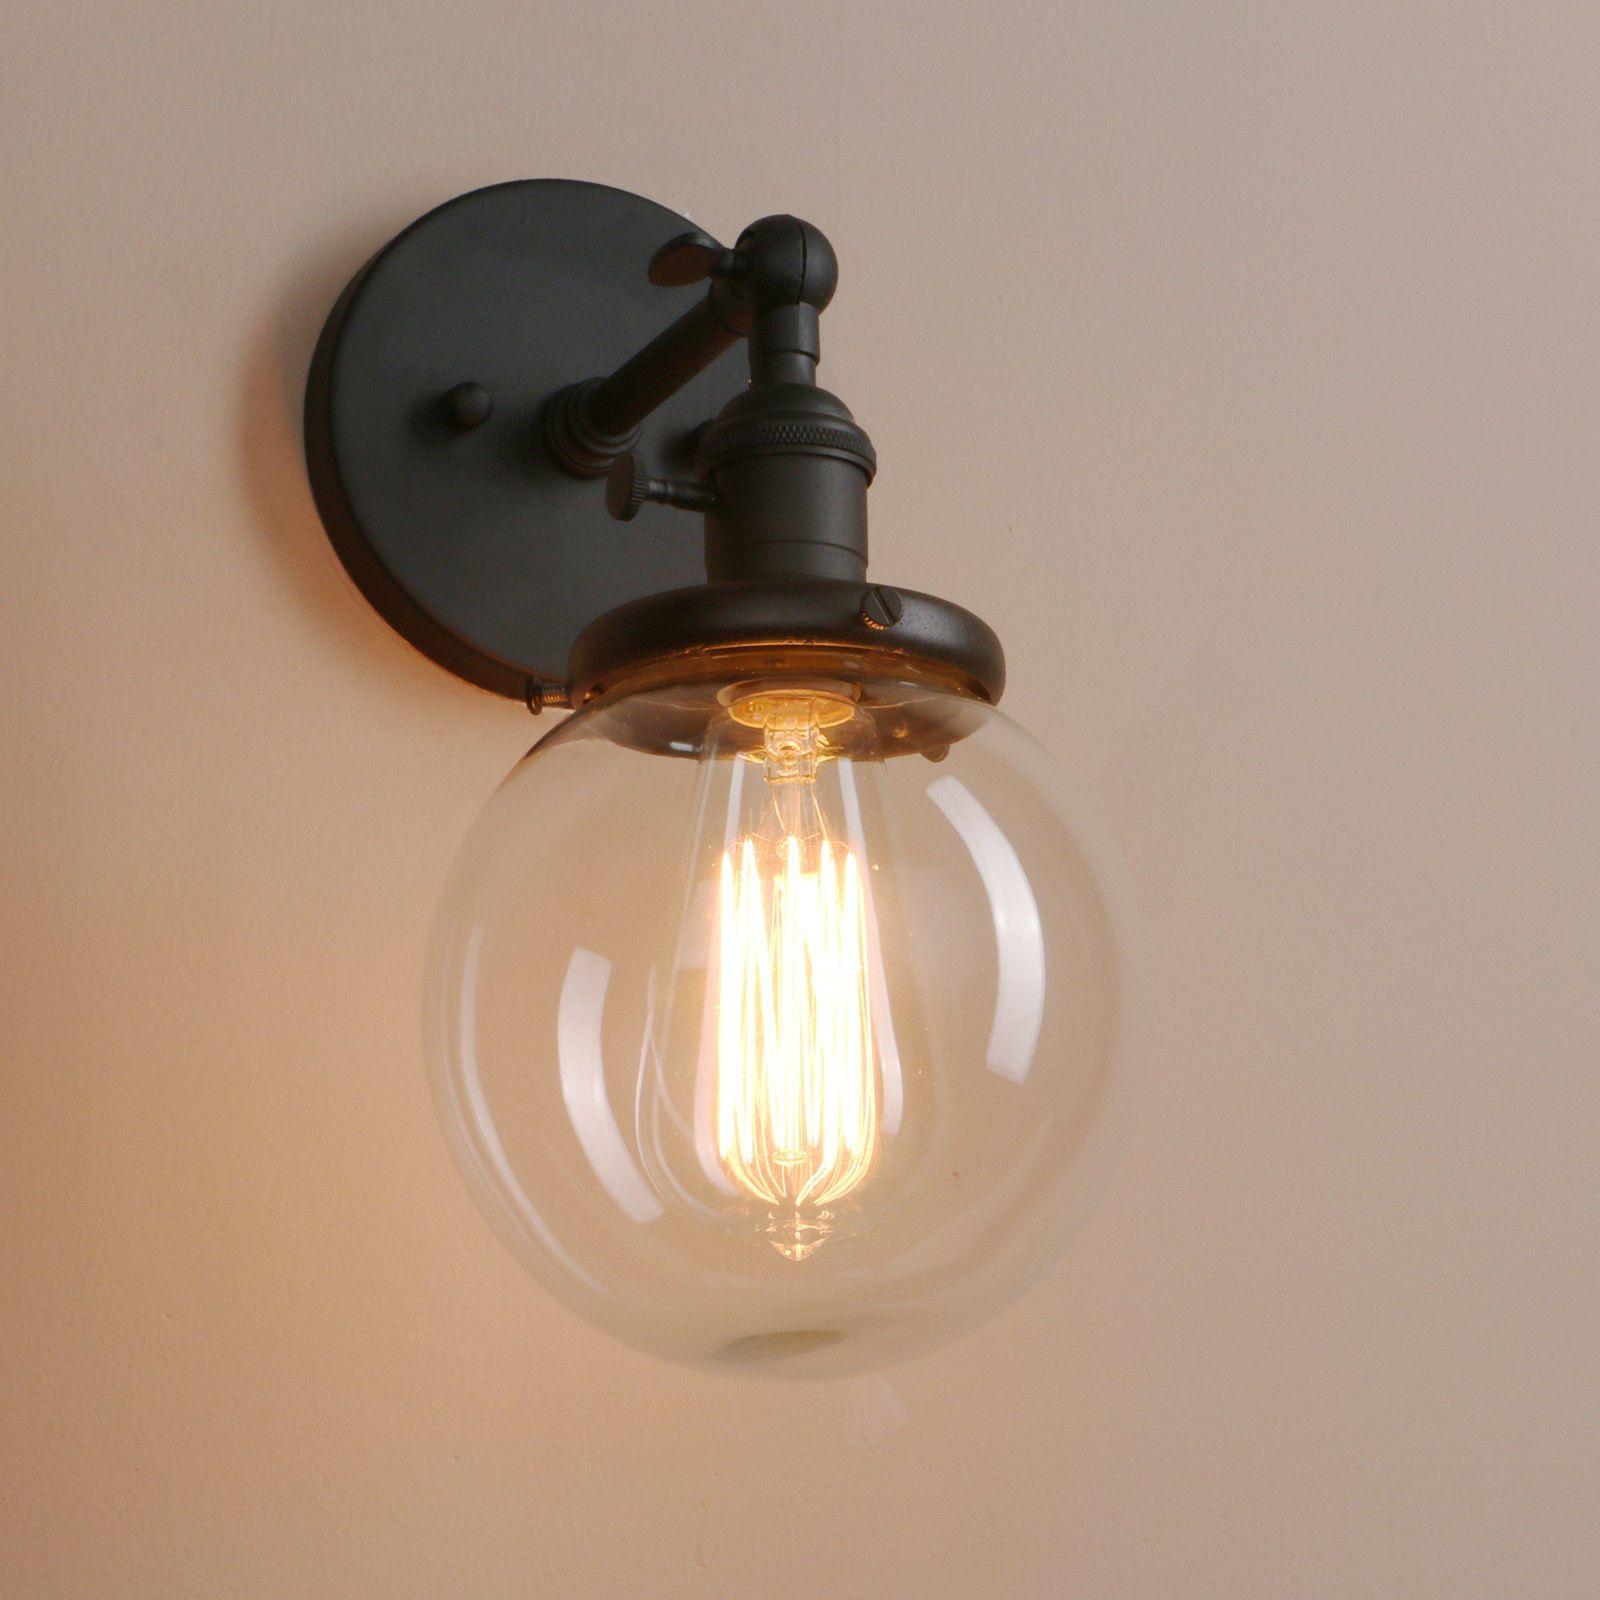 Ein Landhaus Traumchen Vintage Wandleuchte Frideko Retro Stil Simplicity Rustikal Kreative Glas Wandlampe Fur Loft Wandleuchte Metall Laterne Wandleuchter